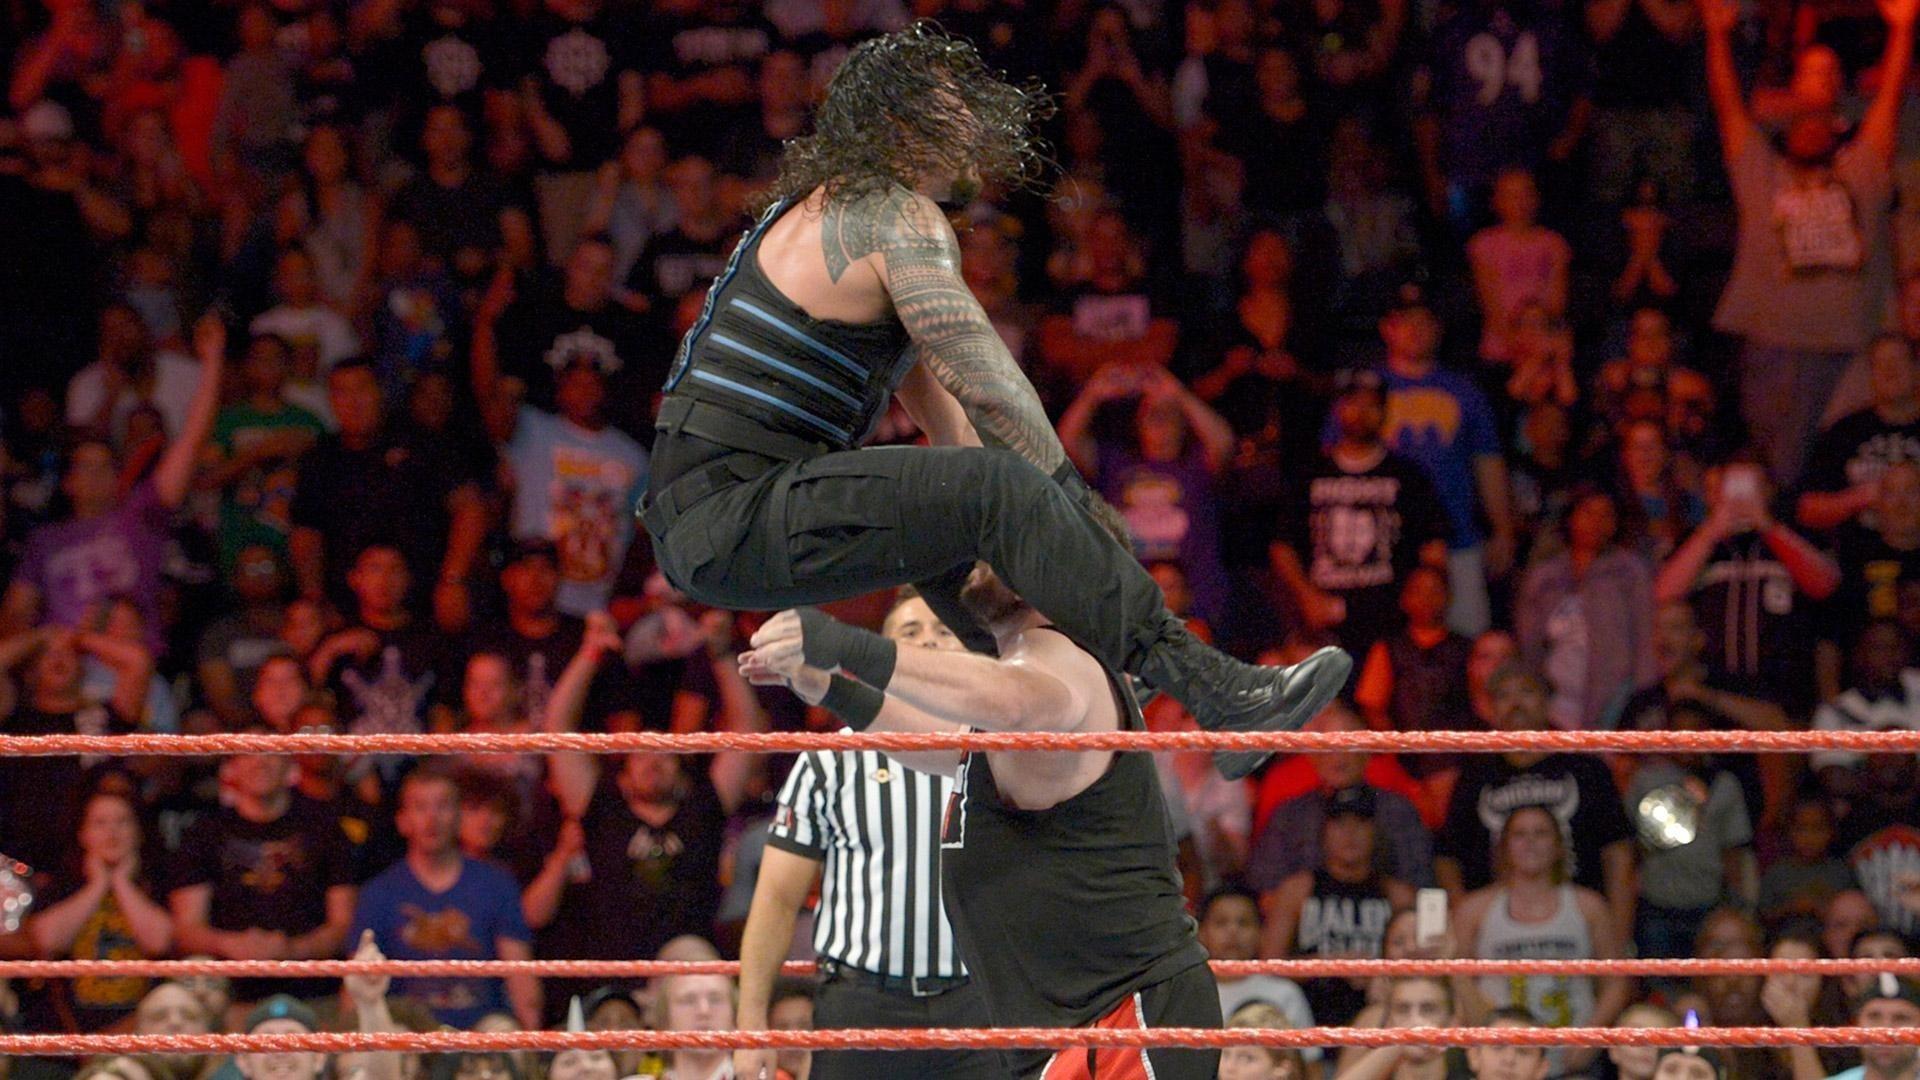 WWE Raw Season 24 :Episode 37  September 12, 2016 (Baltimore, MD)